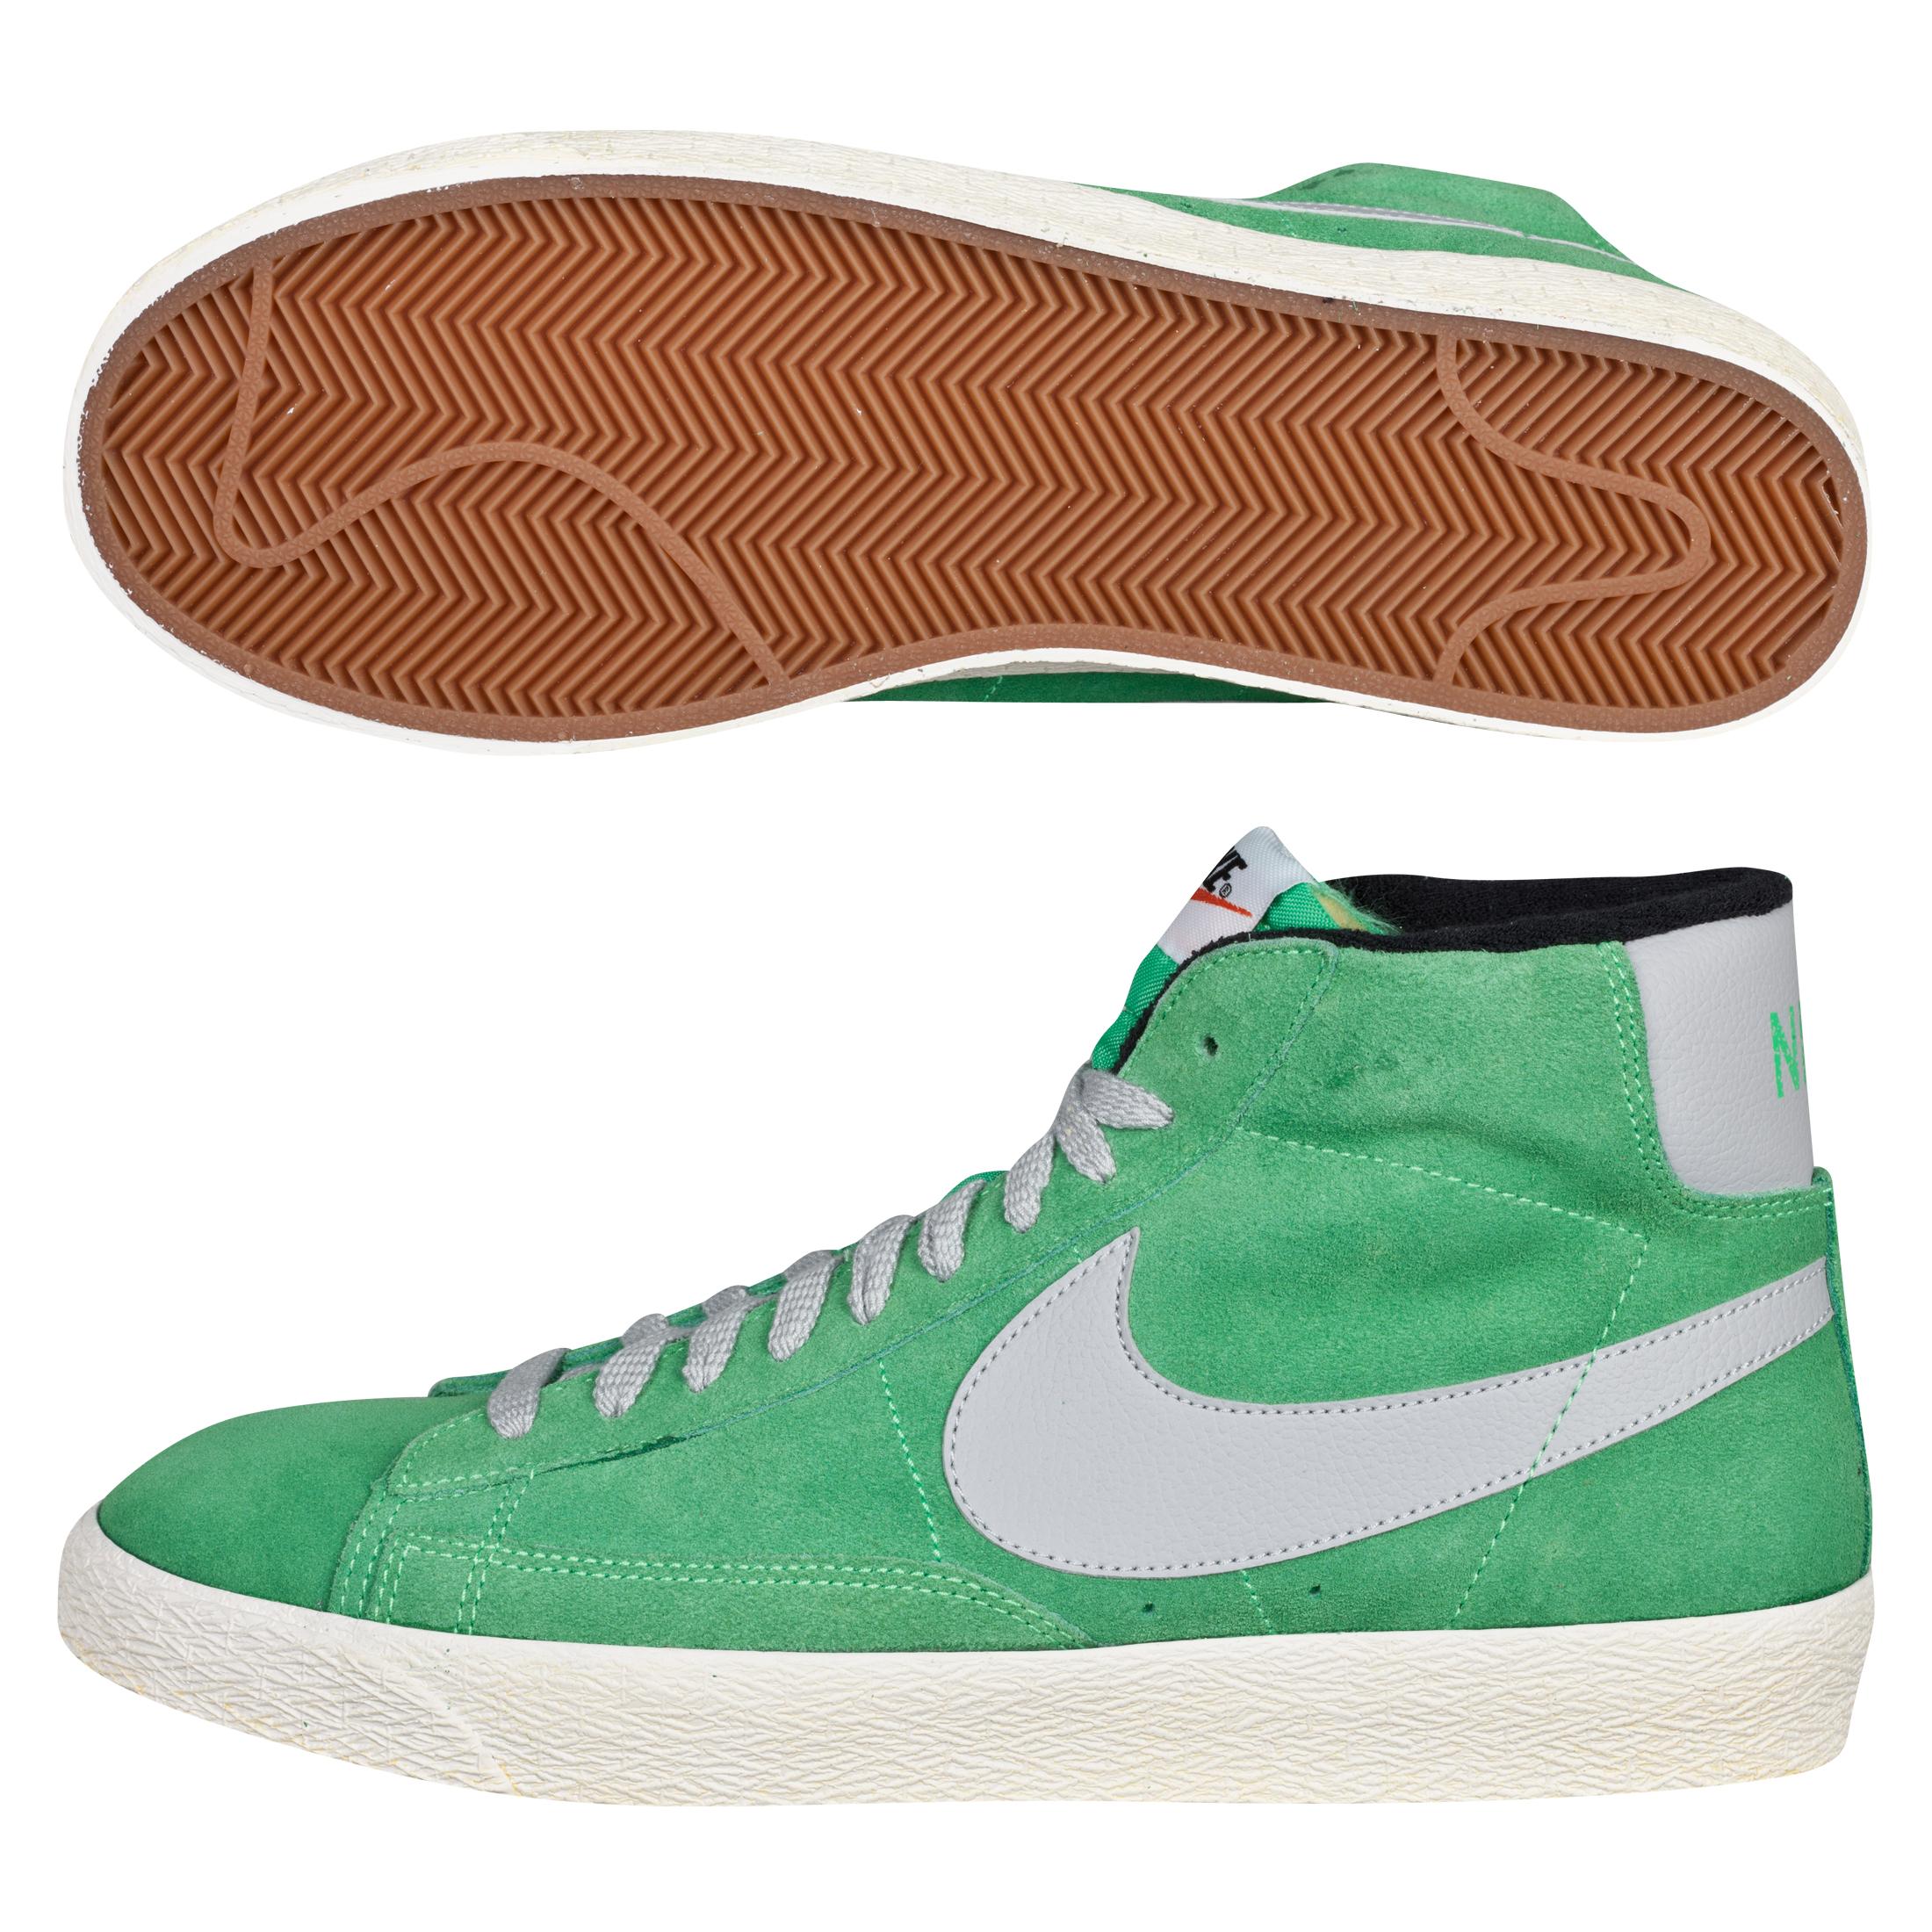 Nike Blazer Mid Premium Vintage Suede Trainer - Poison Green/Strata Grey-Black